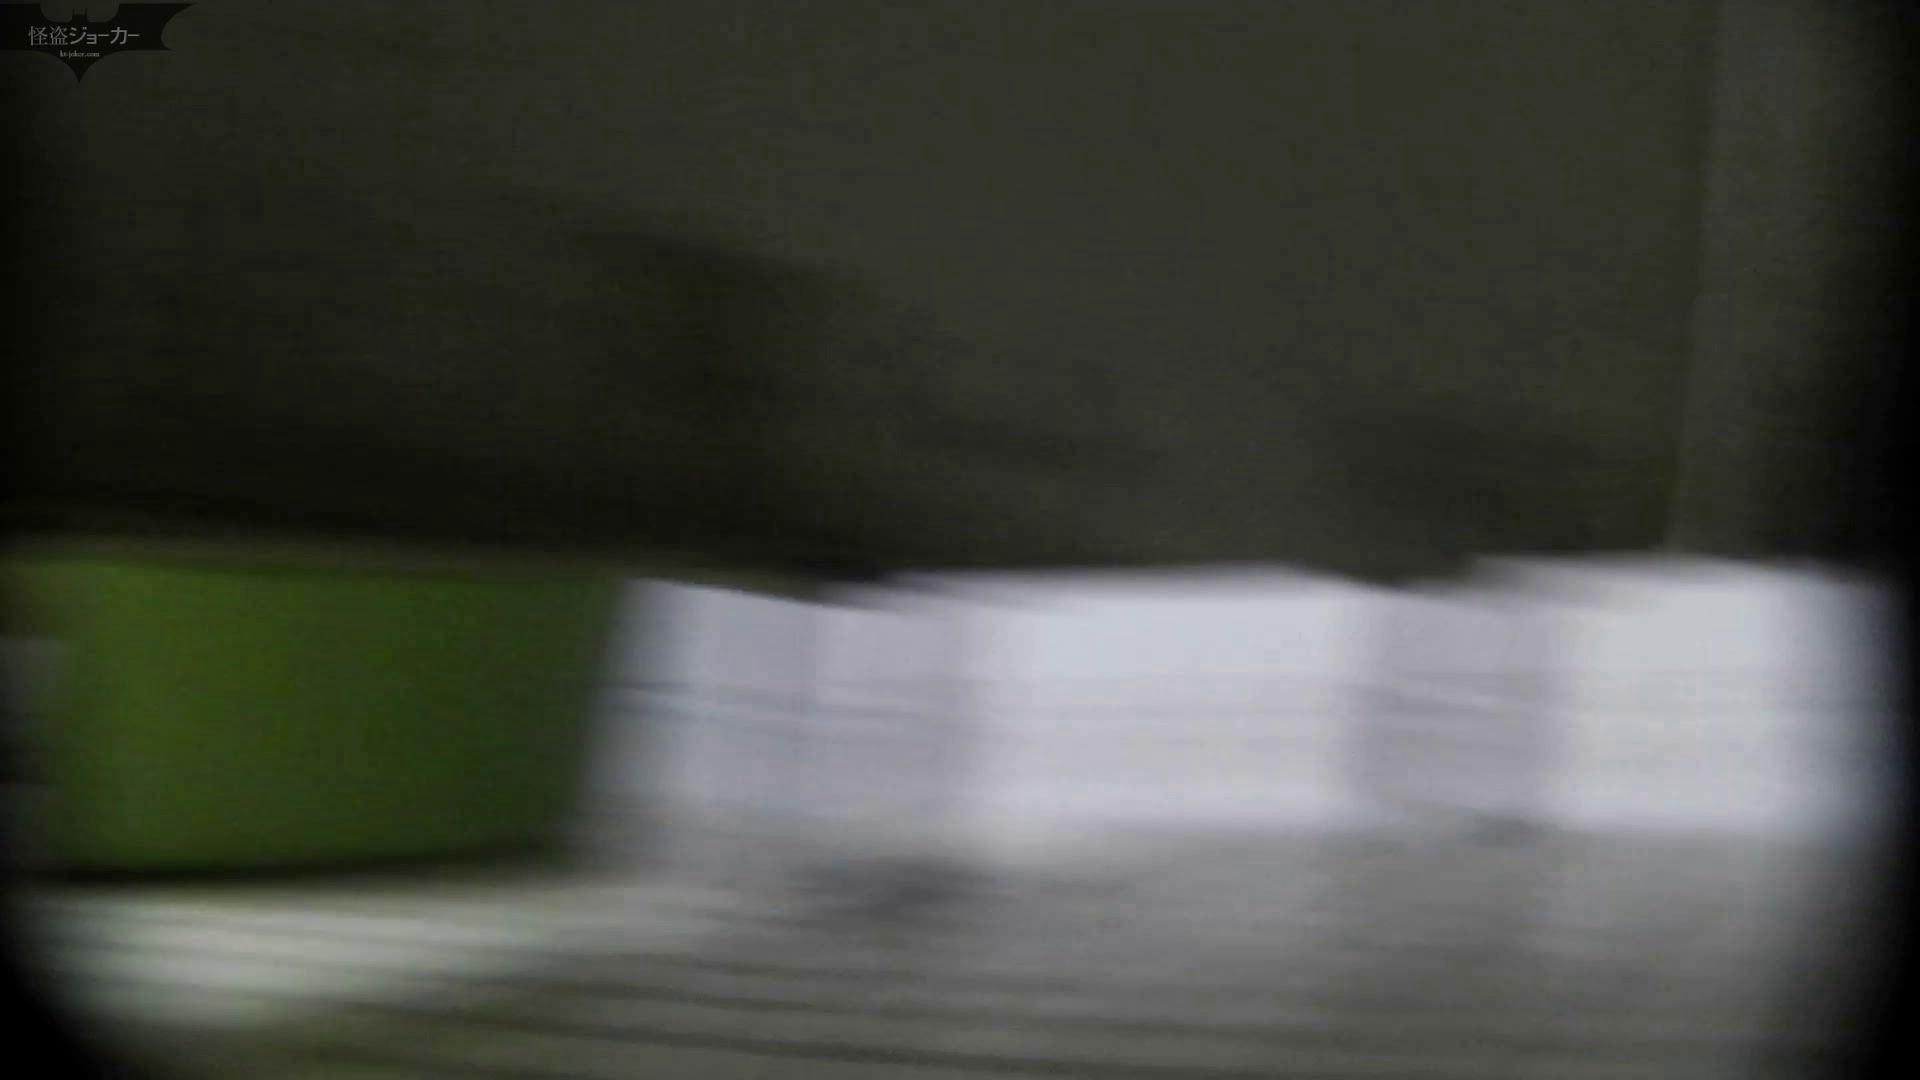 洗面所特攻隊 vol.050 特攻無毛地帯!! 高評価 性交動画流出 85画像 27